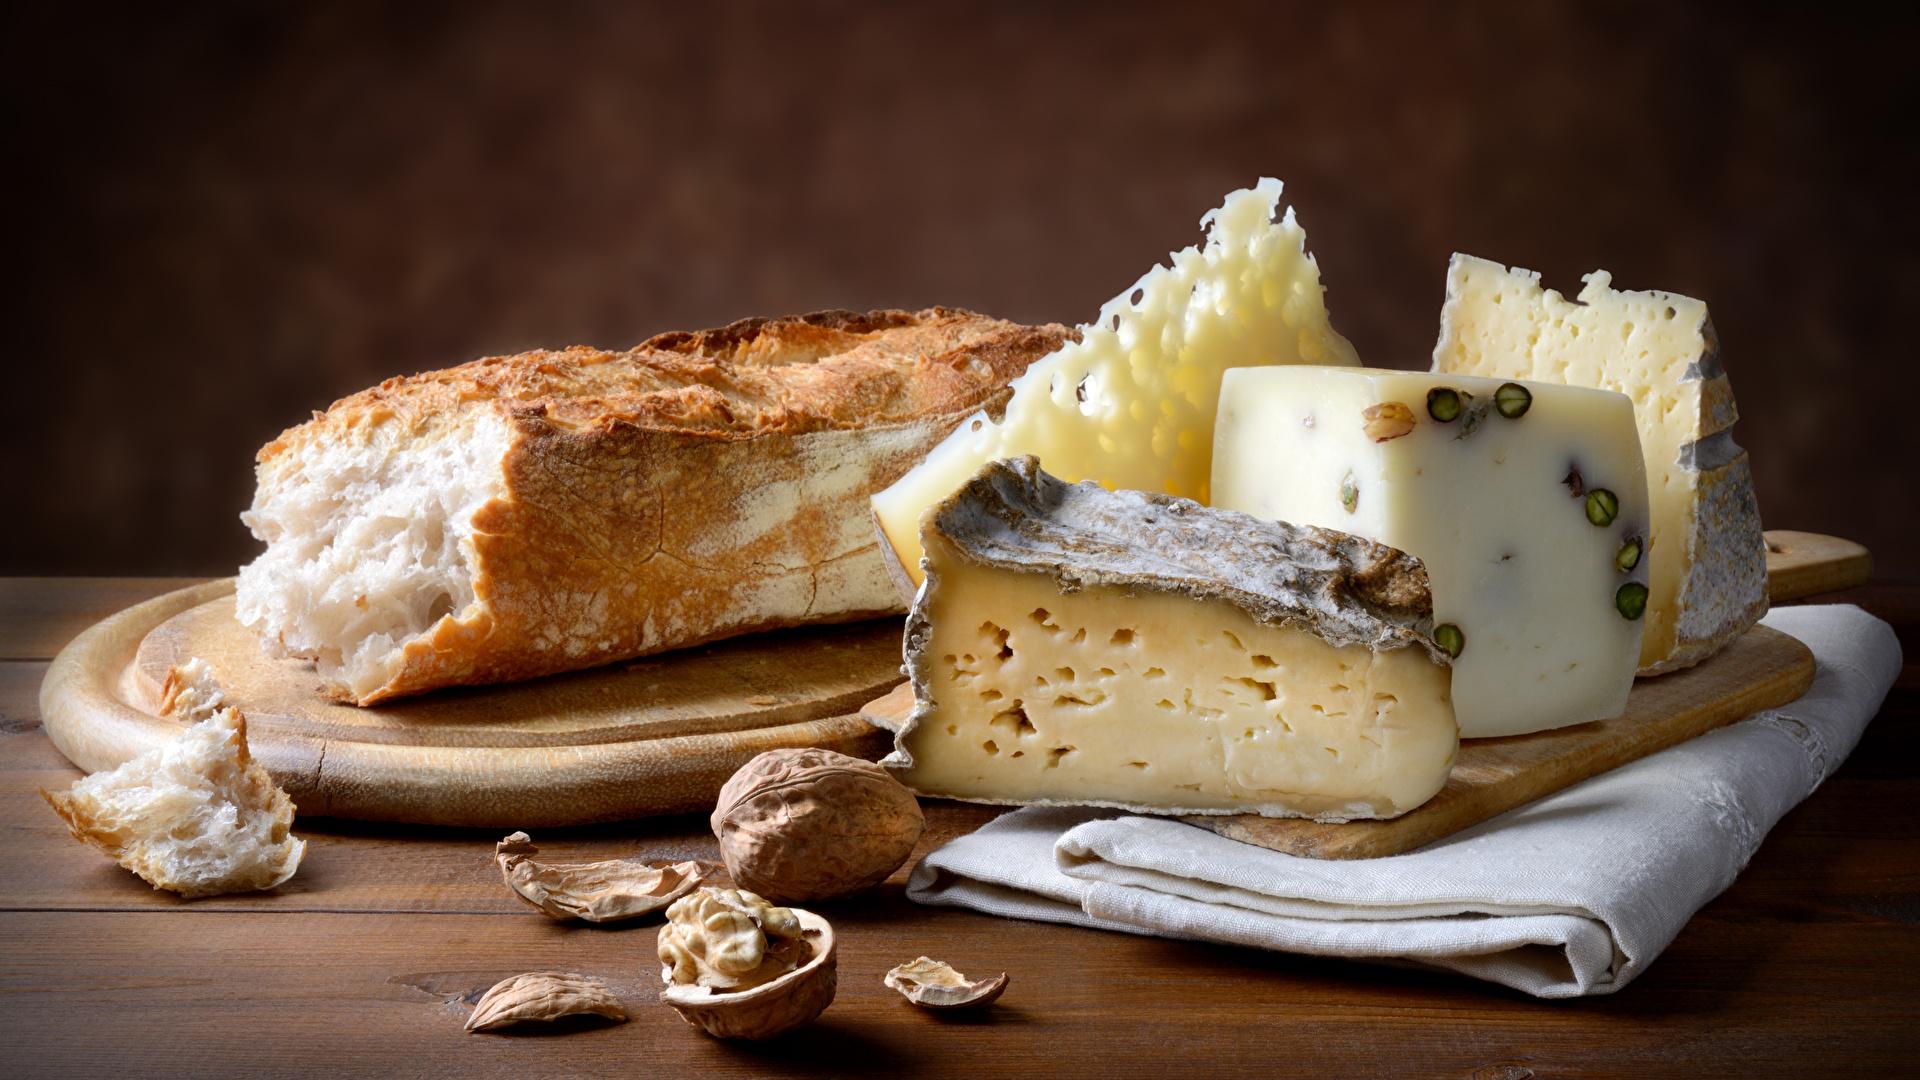 Картинки Хлеб Сыры Еда Разделочная доска Орехи 1920x1080 Пища Продукты питания